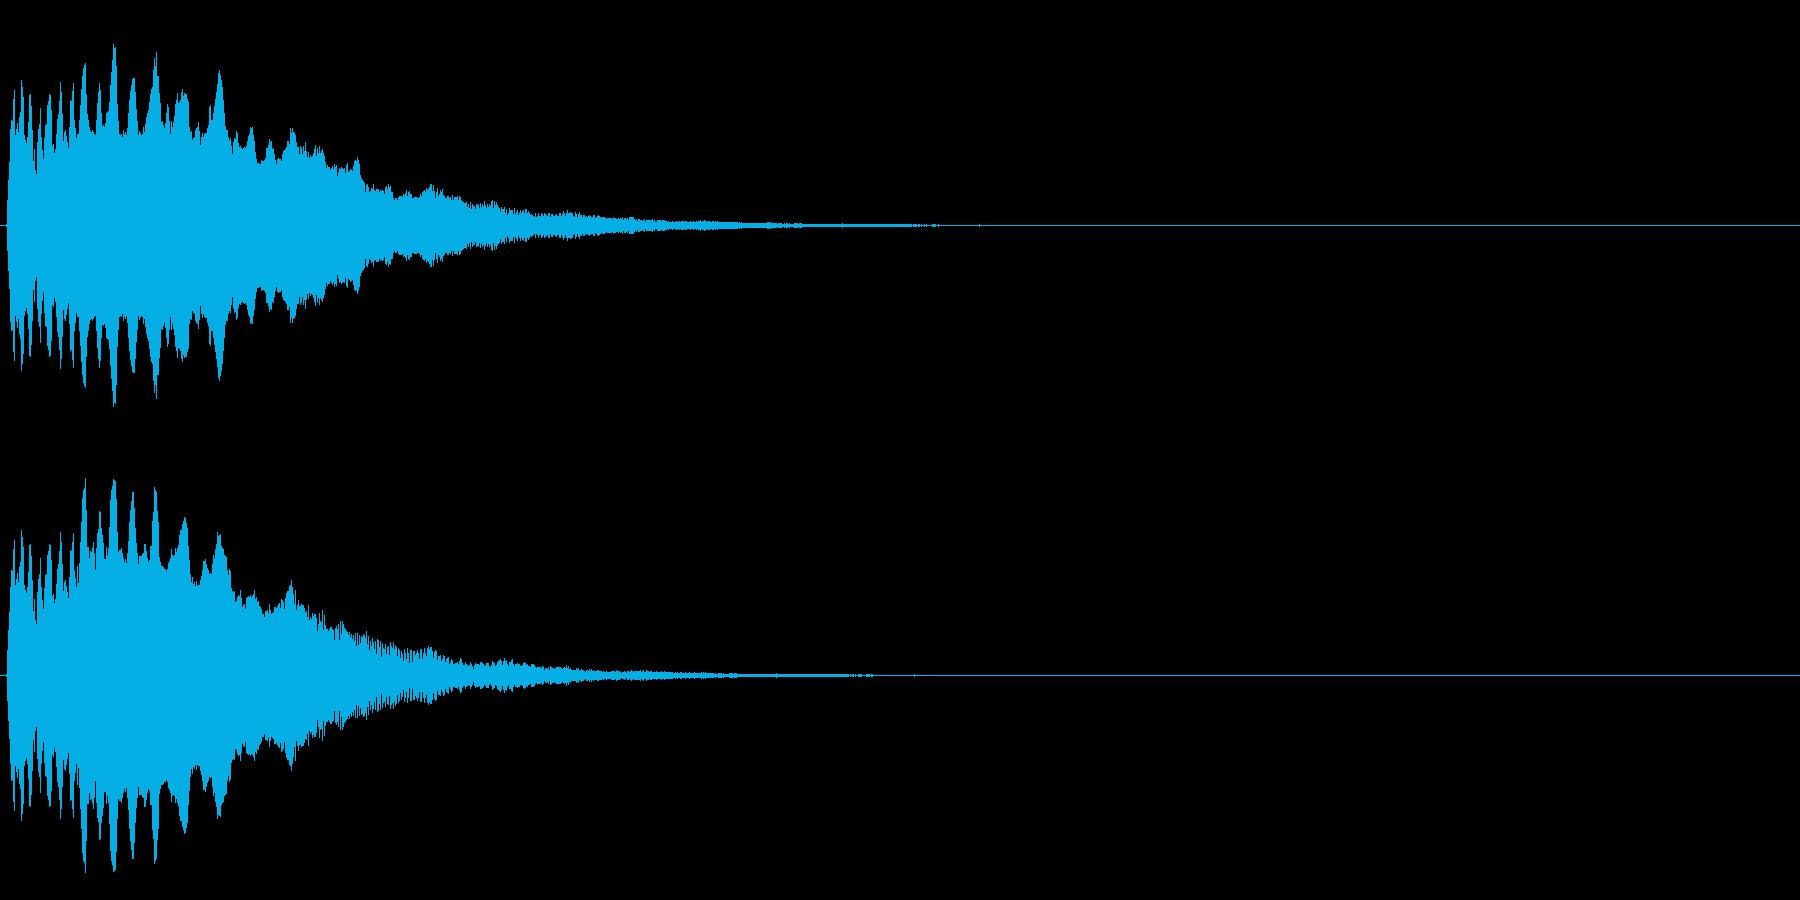 ヒューン(物が投げられたような音)の再生済みの波形